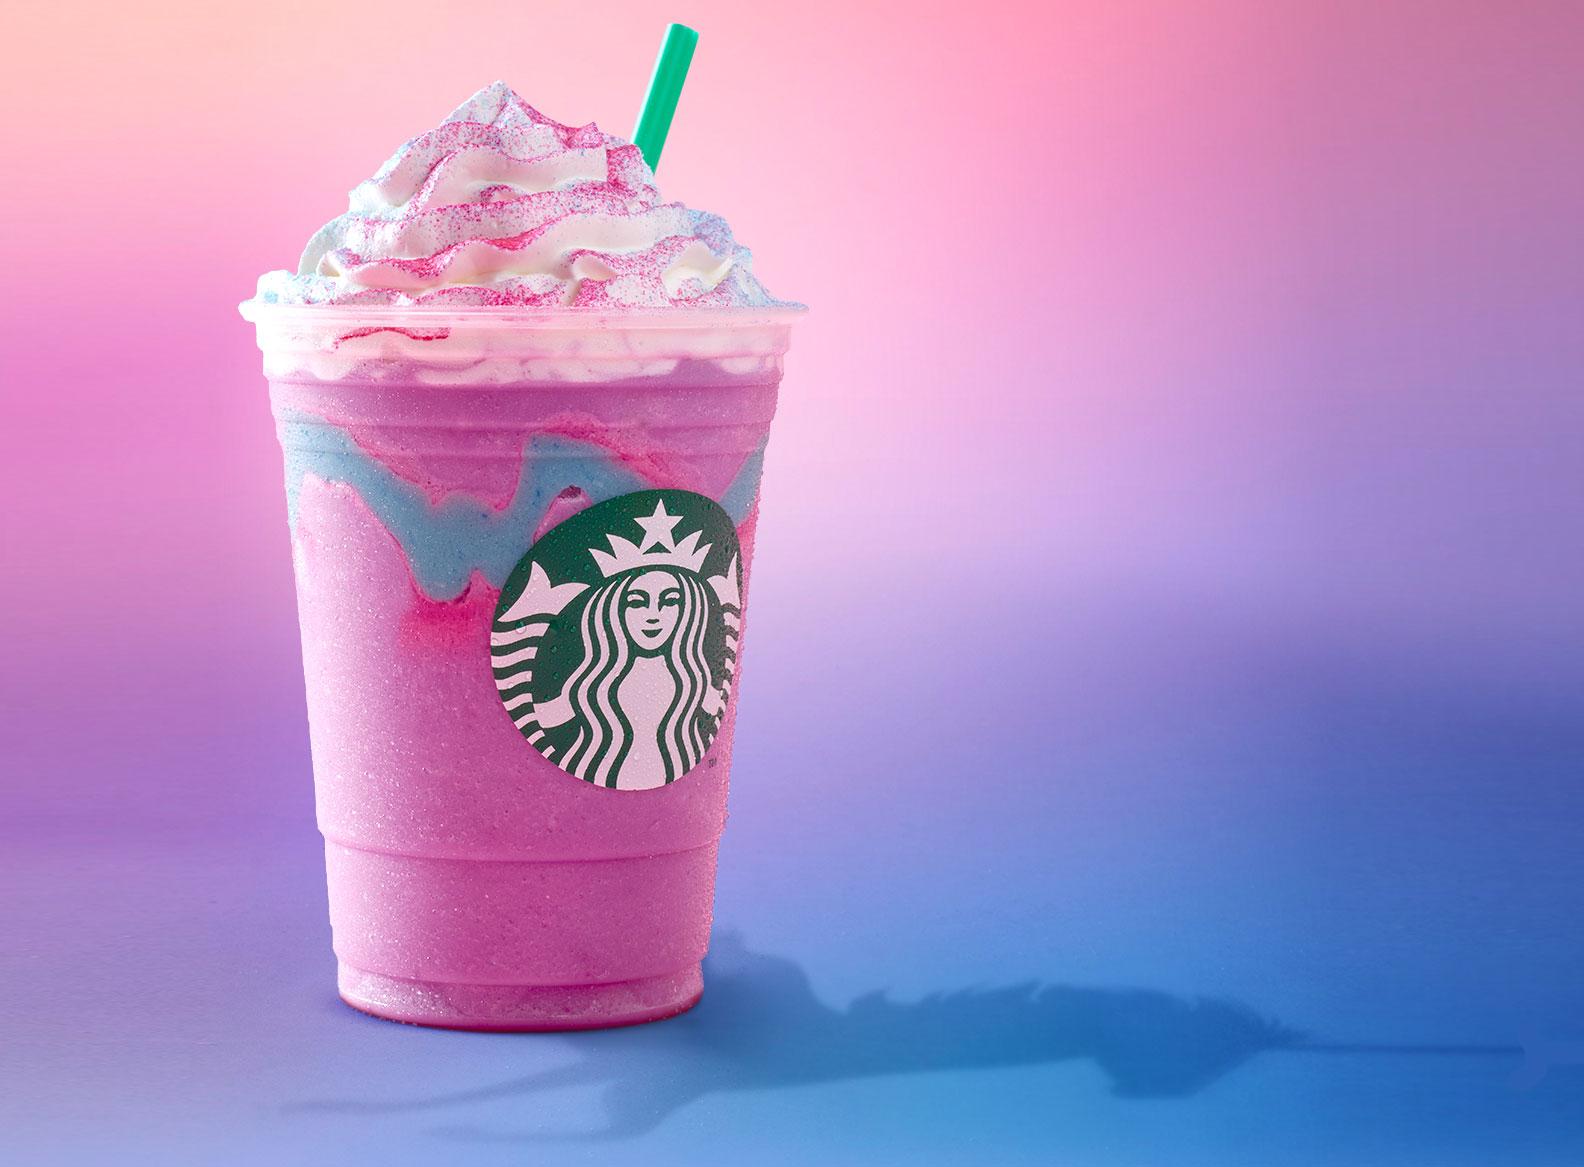 Unicorn Frap Isn't Starbucks' Most